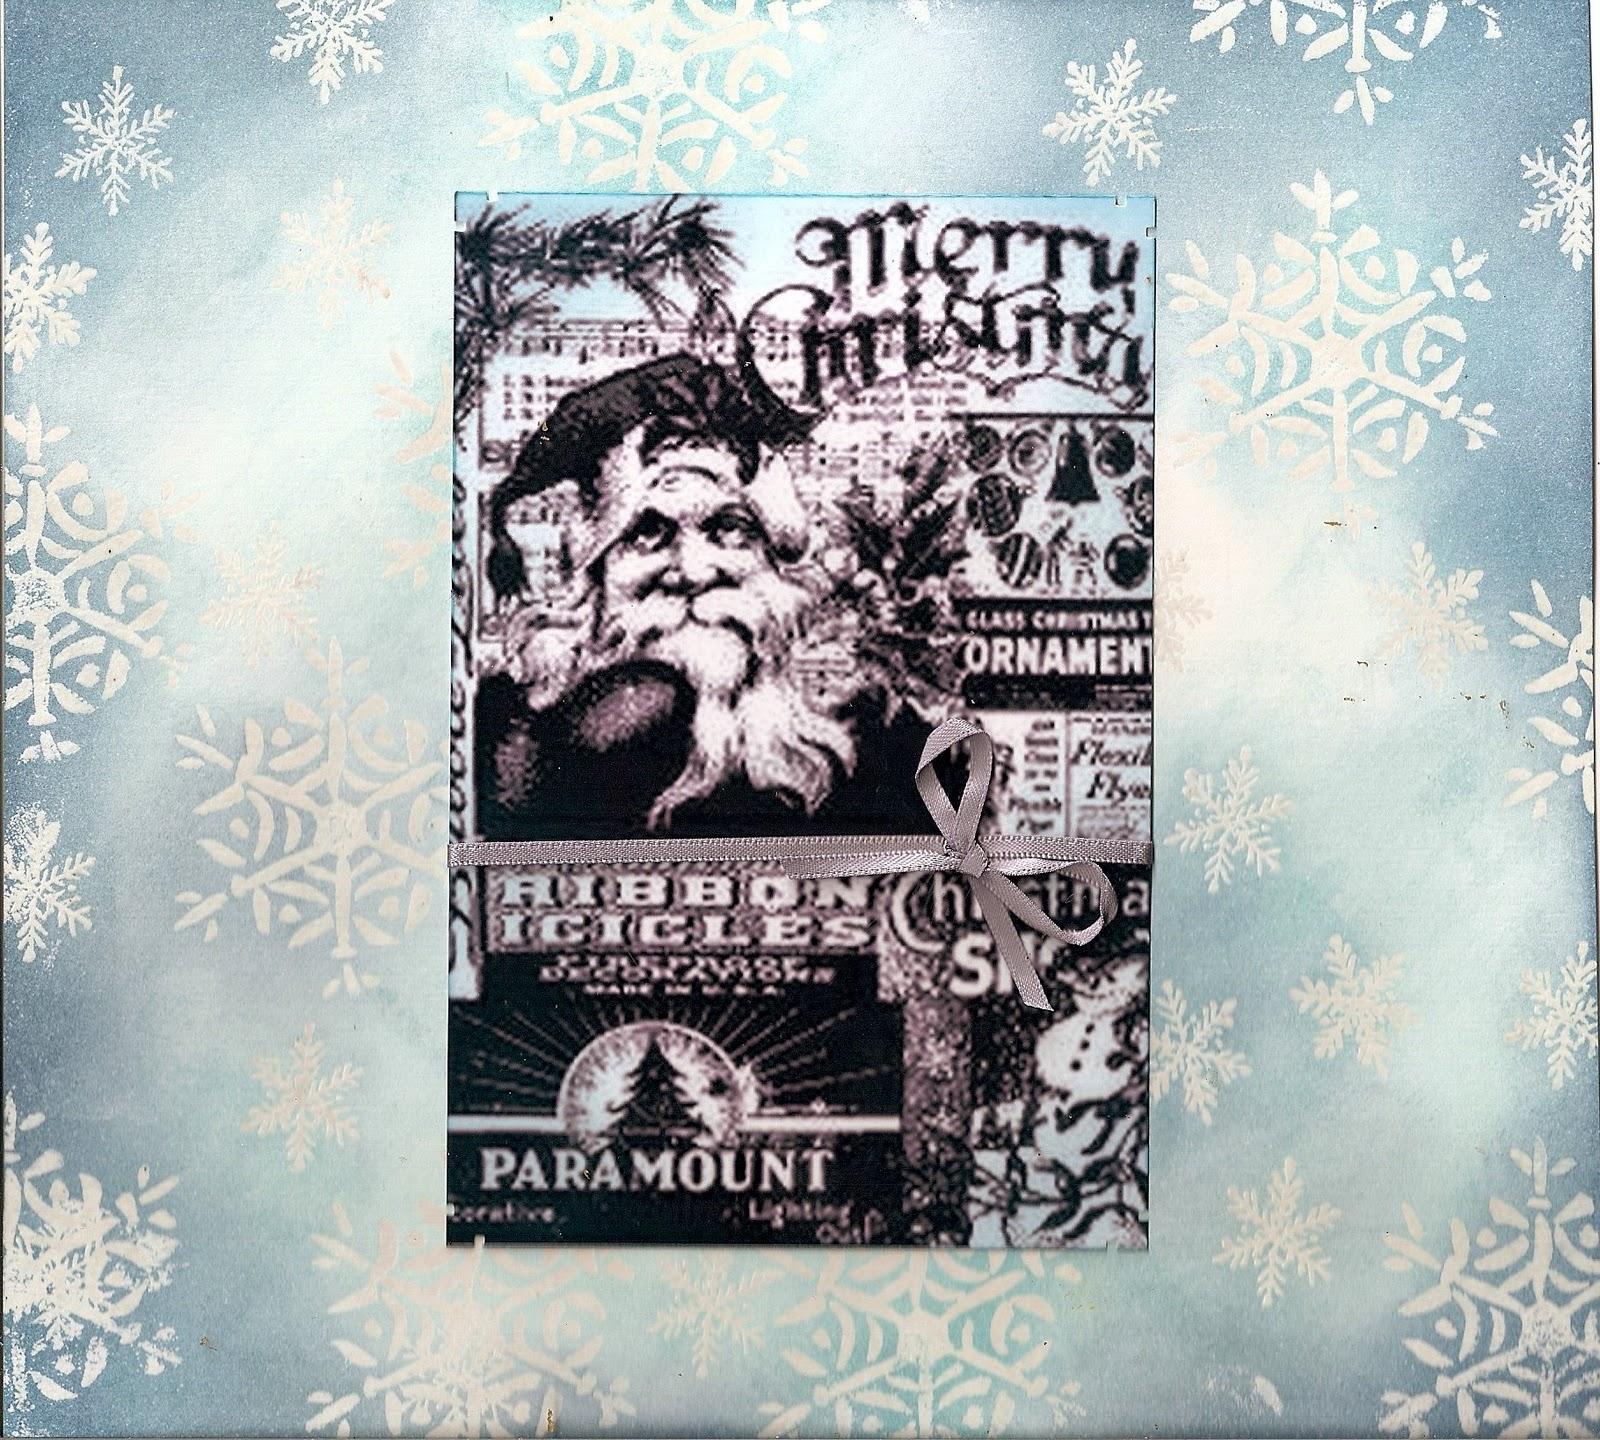 http://3.bp.blogspot.com/_CtVdlQdDO6A/TOW1T2P1PaI/AAAAAAAAUho/rJysiPS_OW0/s1600/thchristmas.jpg